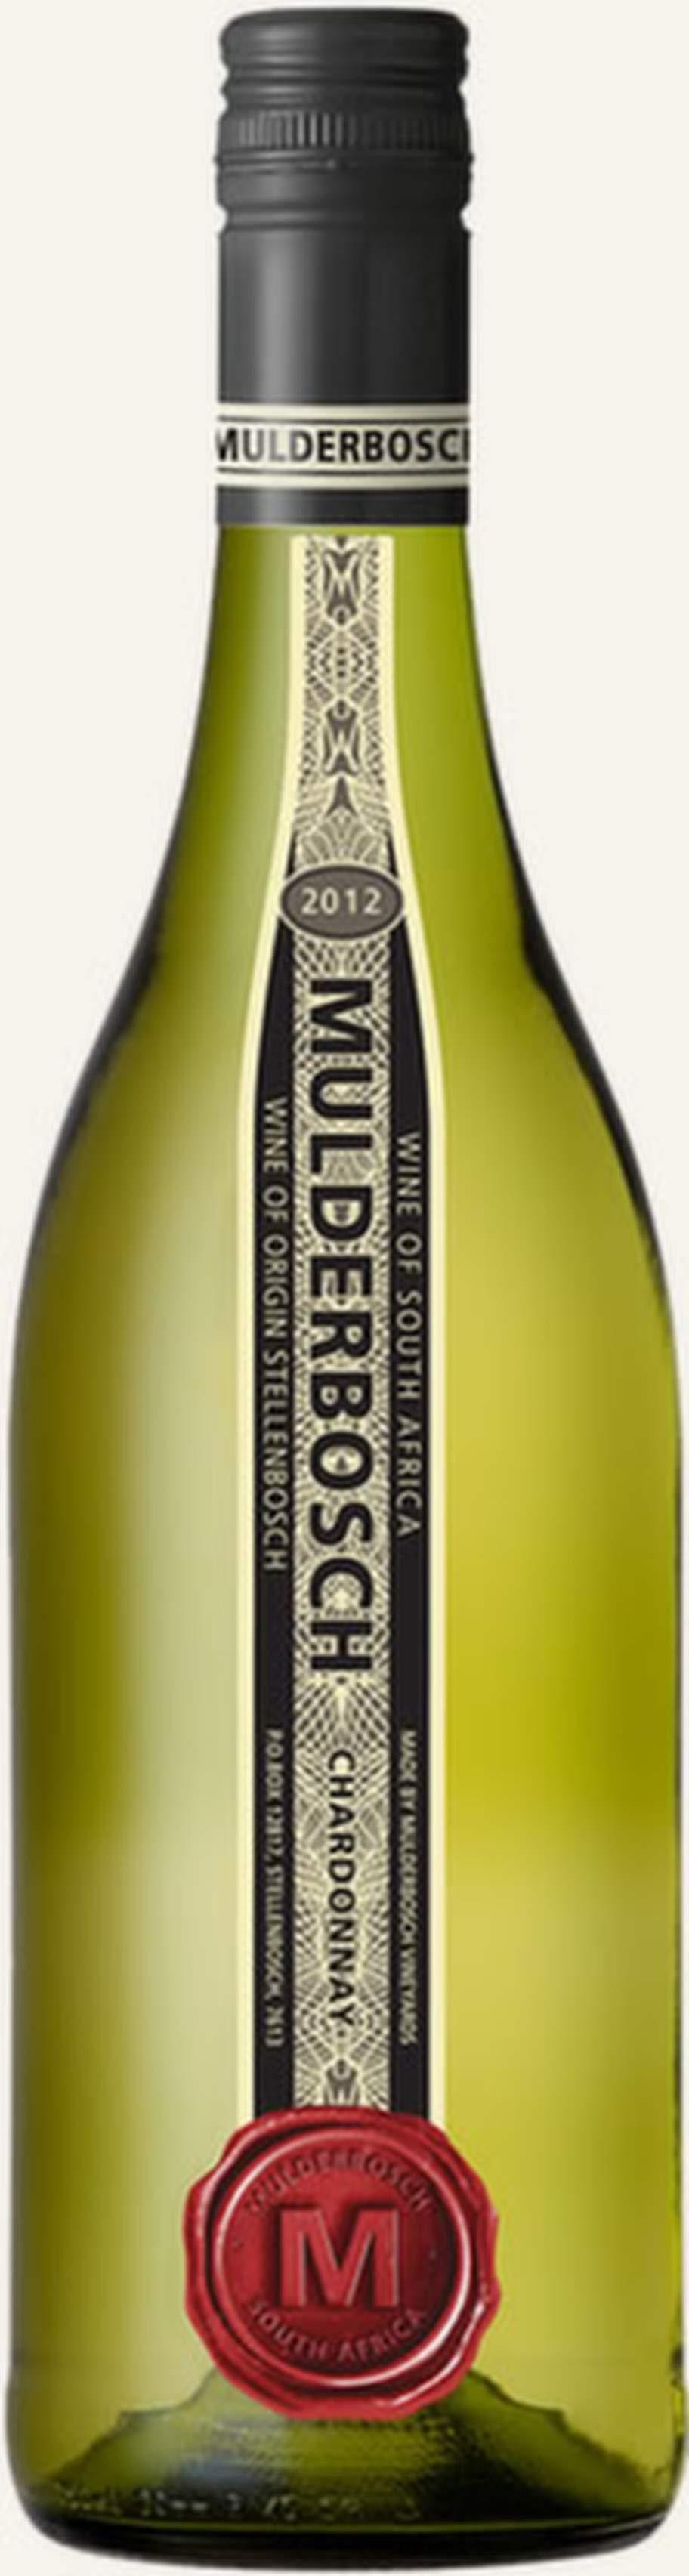 """Mulderbosch Chardonnay 2013 (6006) Stellenbosch, 119 kr<br><exp:icon type=""""wasp""""></exp:icon><exp:icon type=""""wasp""""></exp:icon><exp:icon type=""""wasp""""></exp:icon><exp:icon type=""""wasp""""></exp:icon>"""